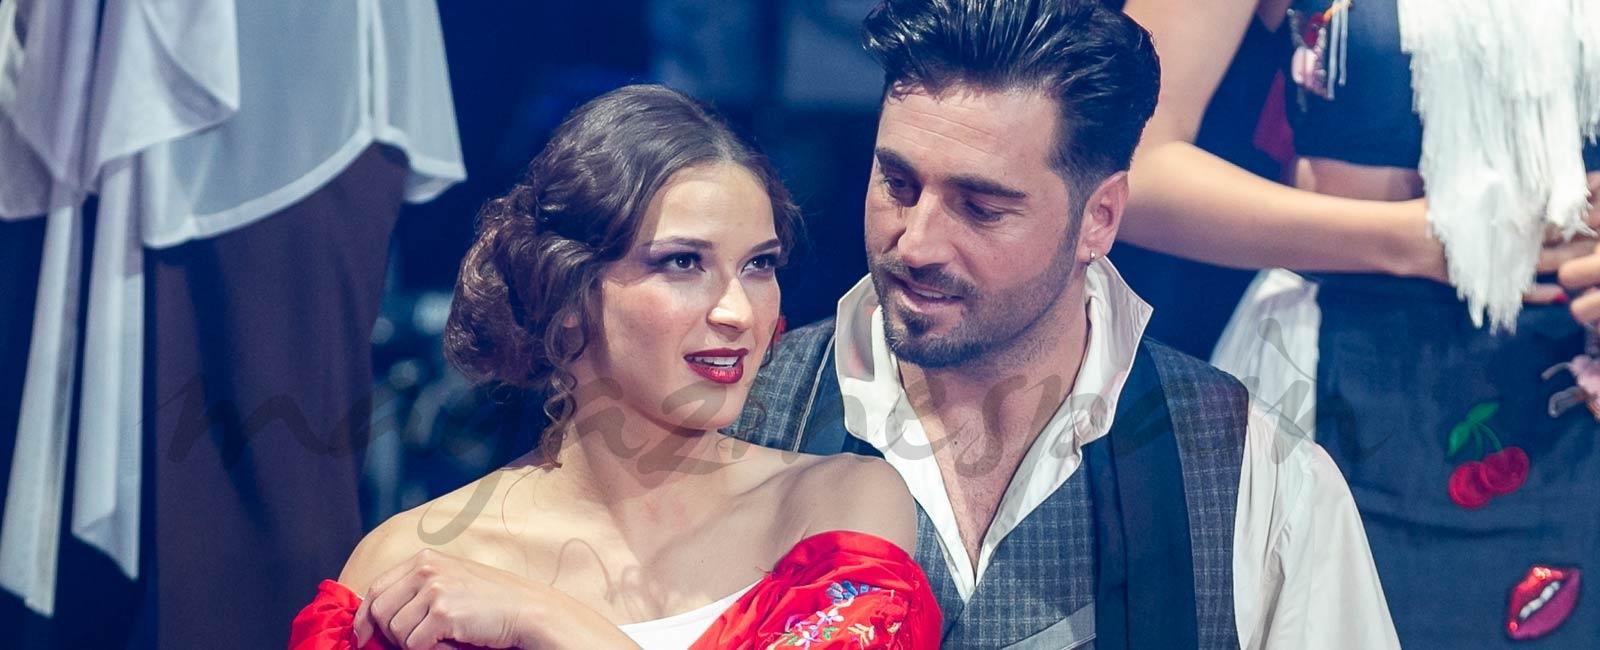 El piropo de David Bustamante a Yana Olina en «Bailando con las estrellas»